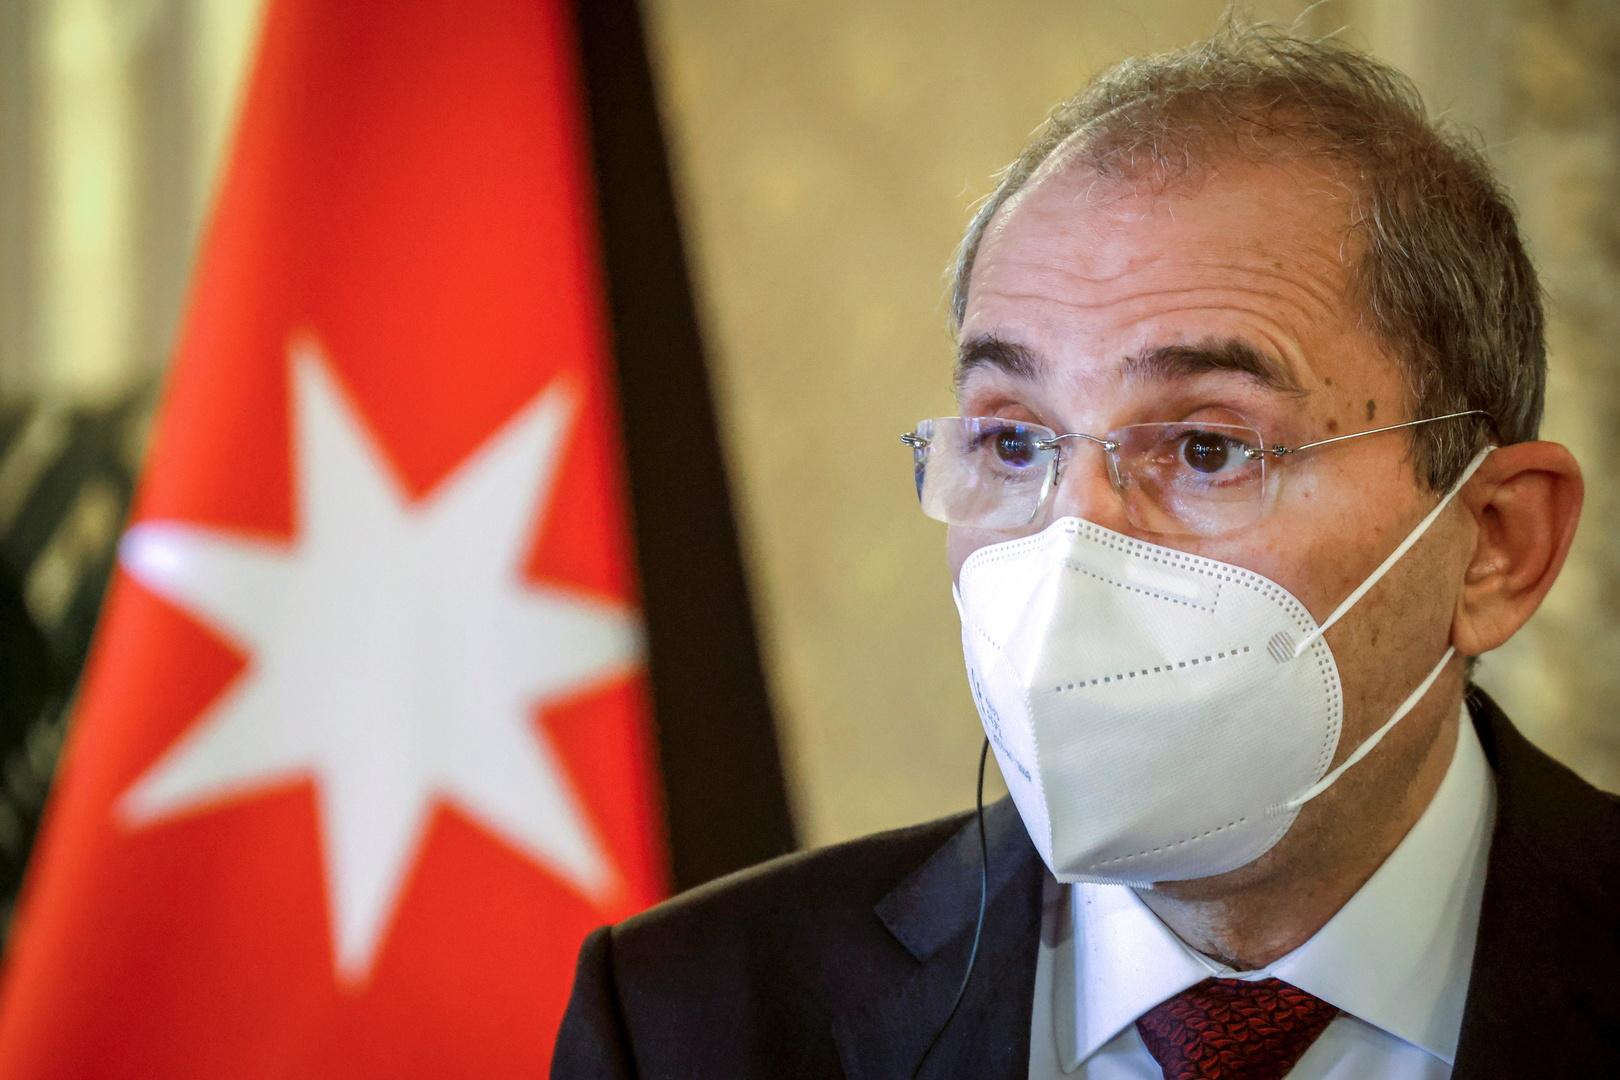 وزير الخارجية الأردني: نتابع التطورات في تونس ونأمل أن تتجاوز هذه الأوضاع الصعبة